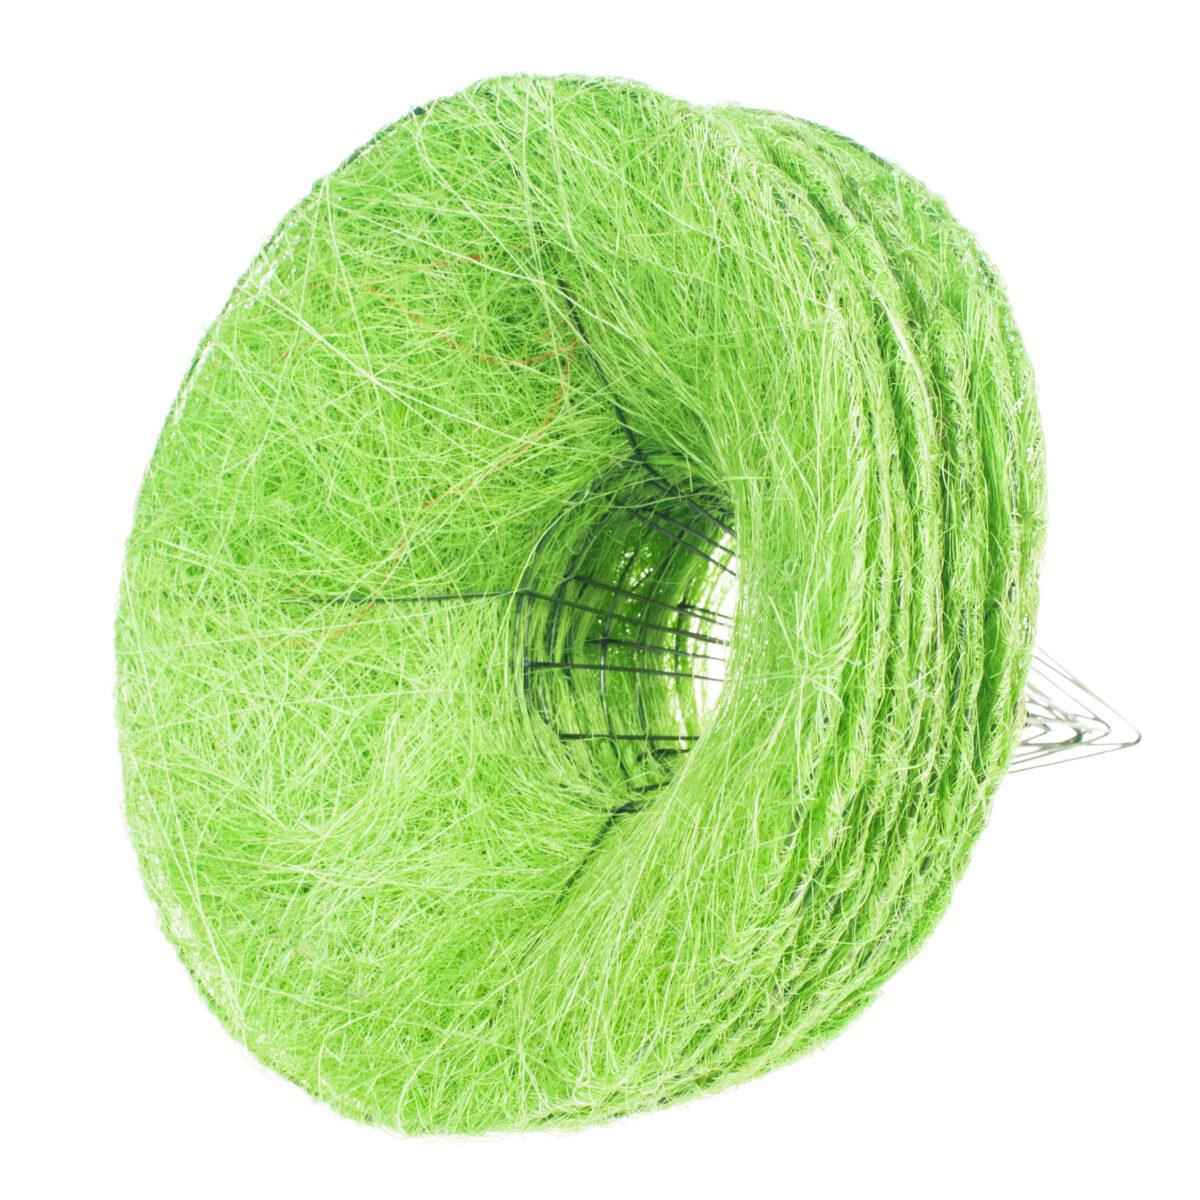 Каркас для букета гладкий 25 см, цвет зеленое яблоко